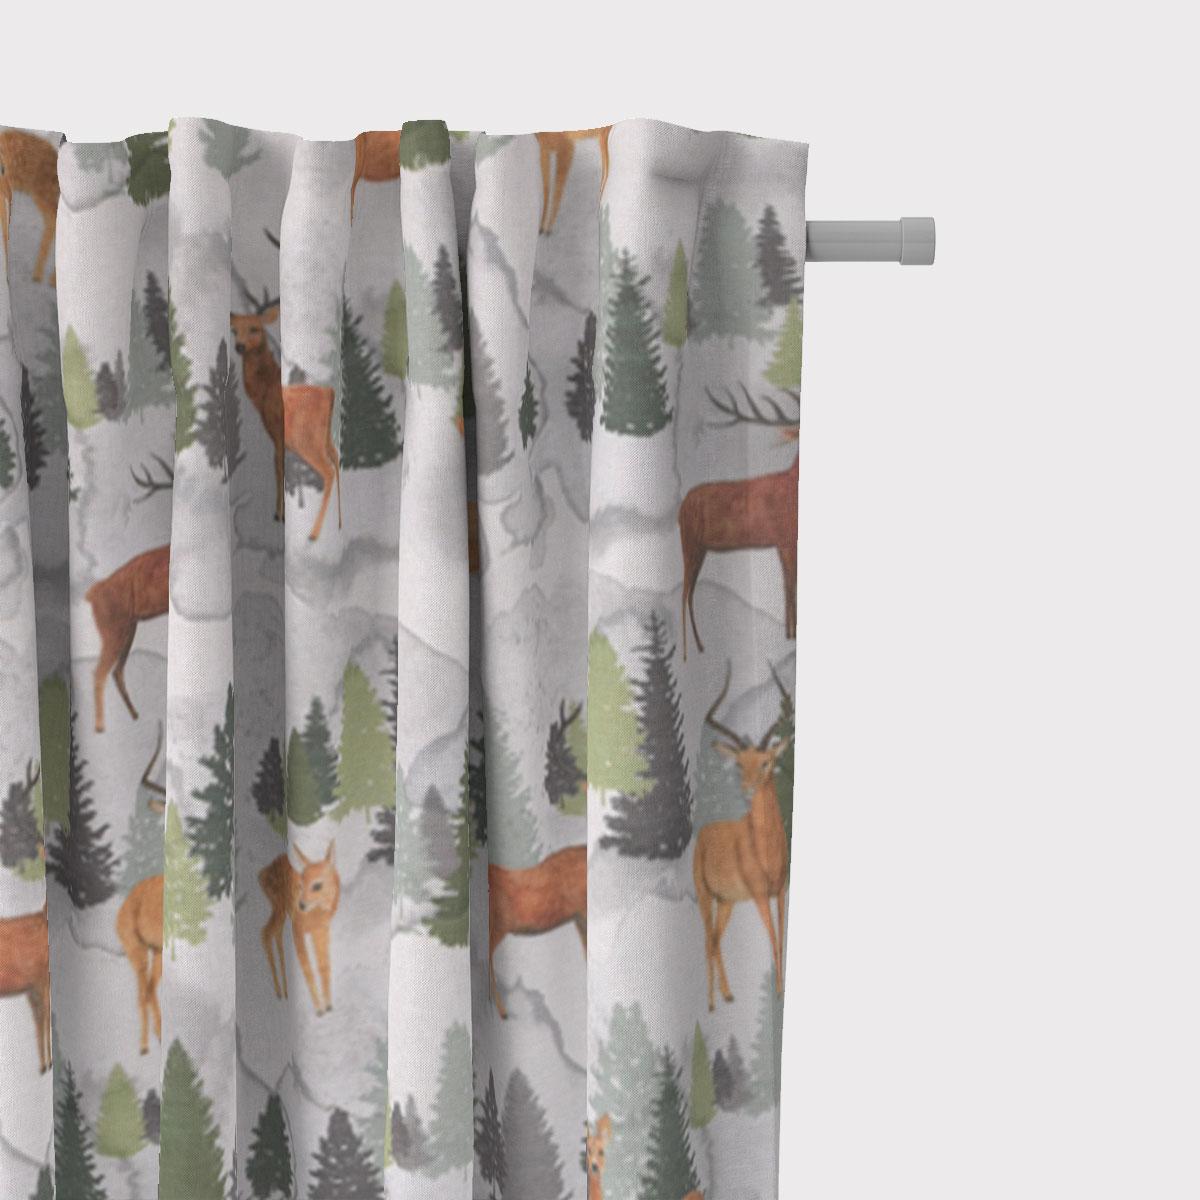 SCHÖNER LEBEN. Vorhang Andia Hirsche Rehe Tannenbäume weiß grün braun 245cm oder Wunschlänge